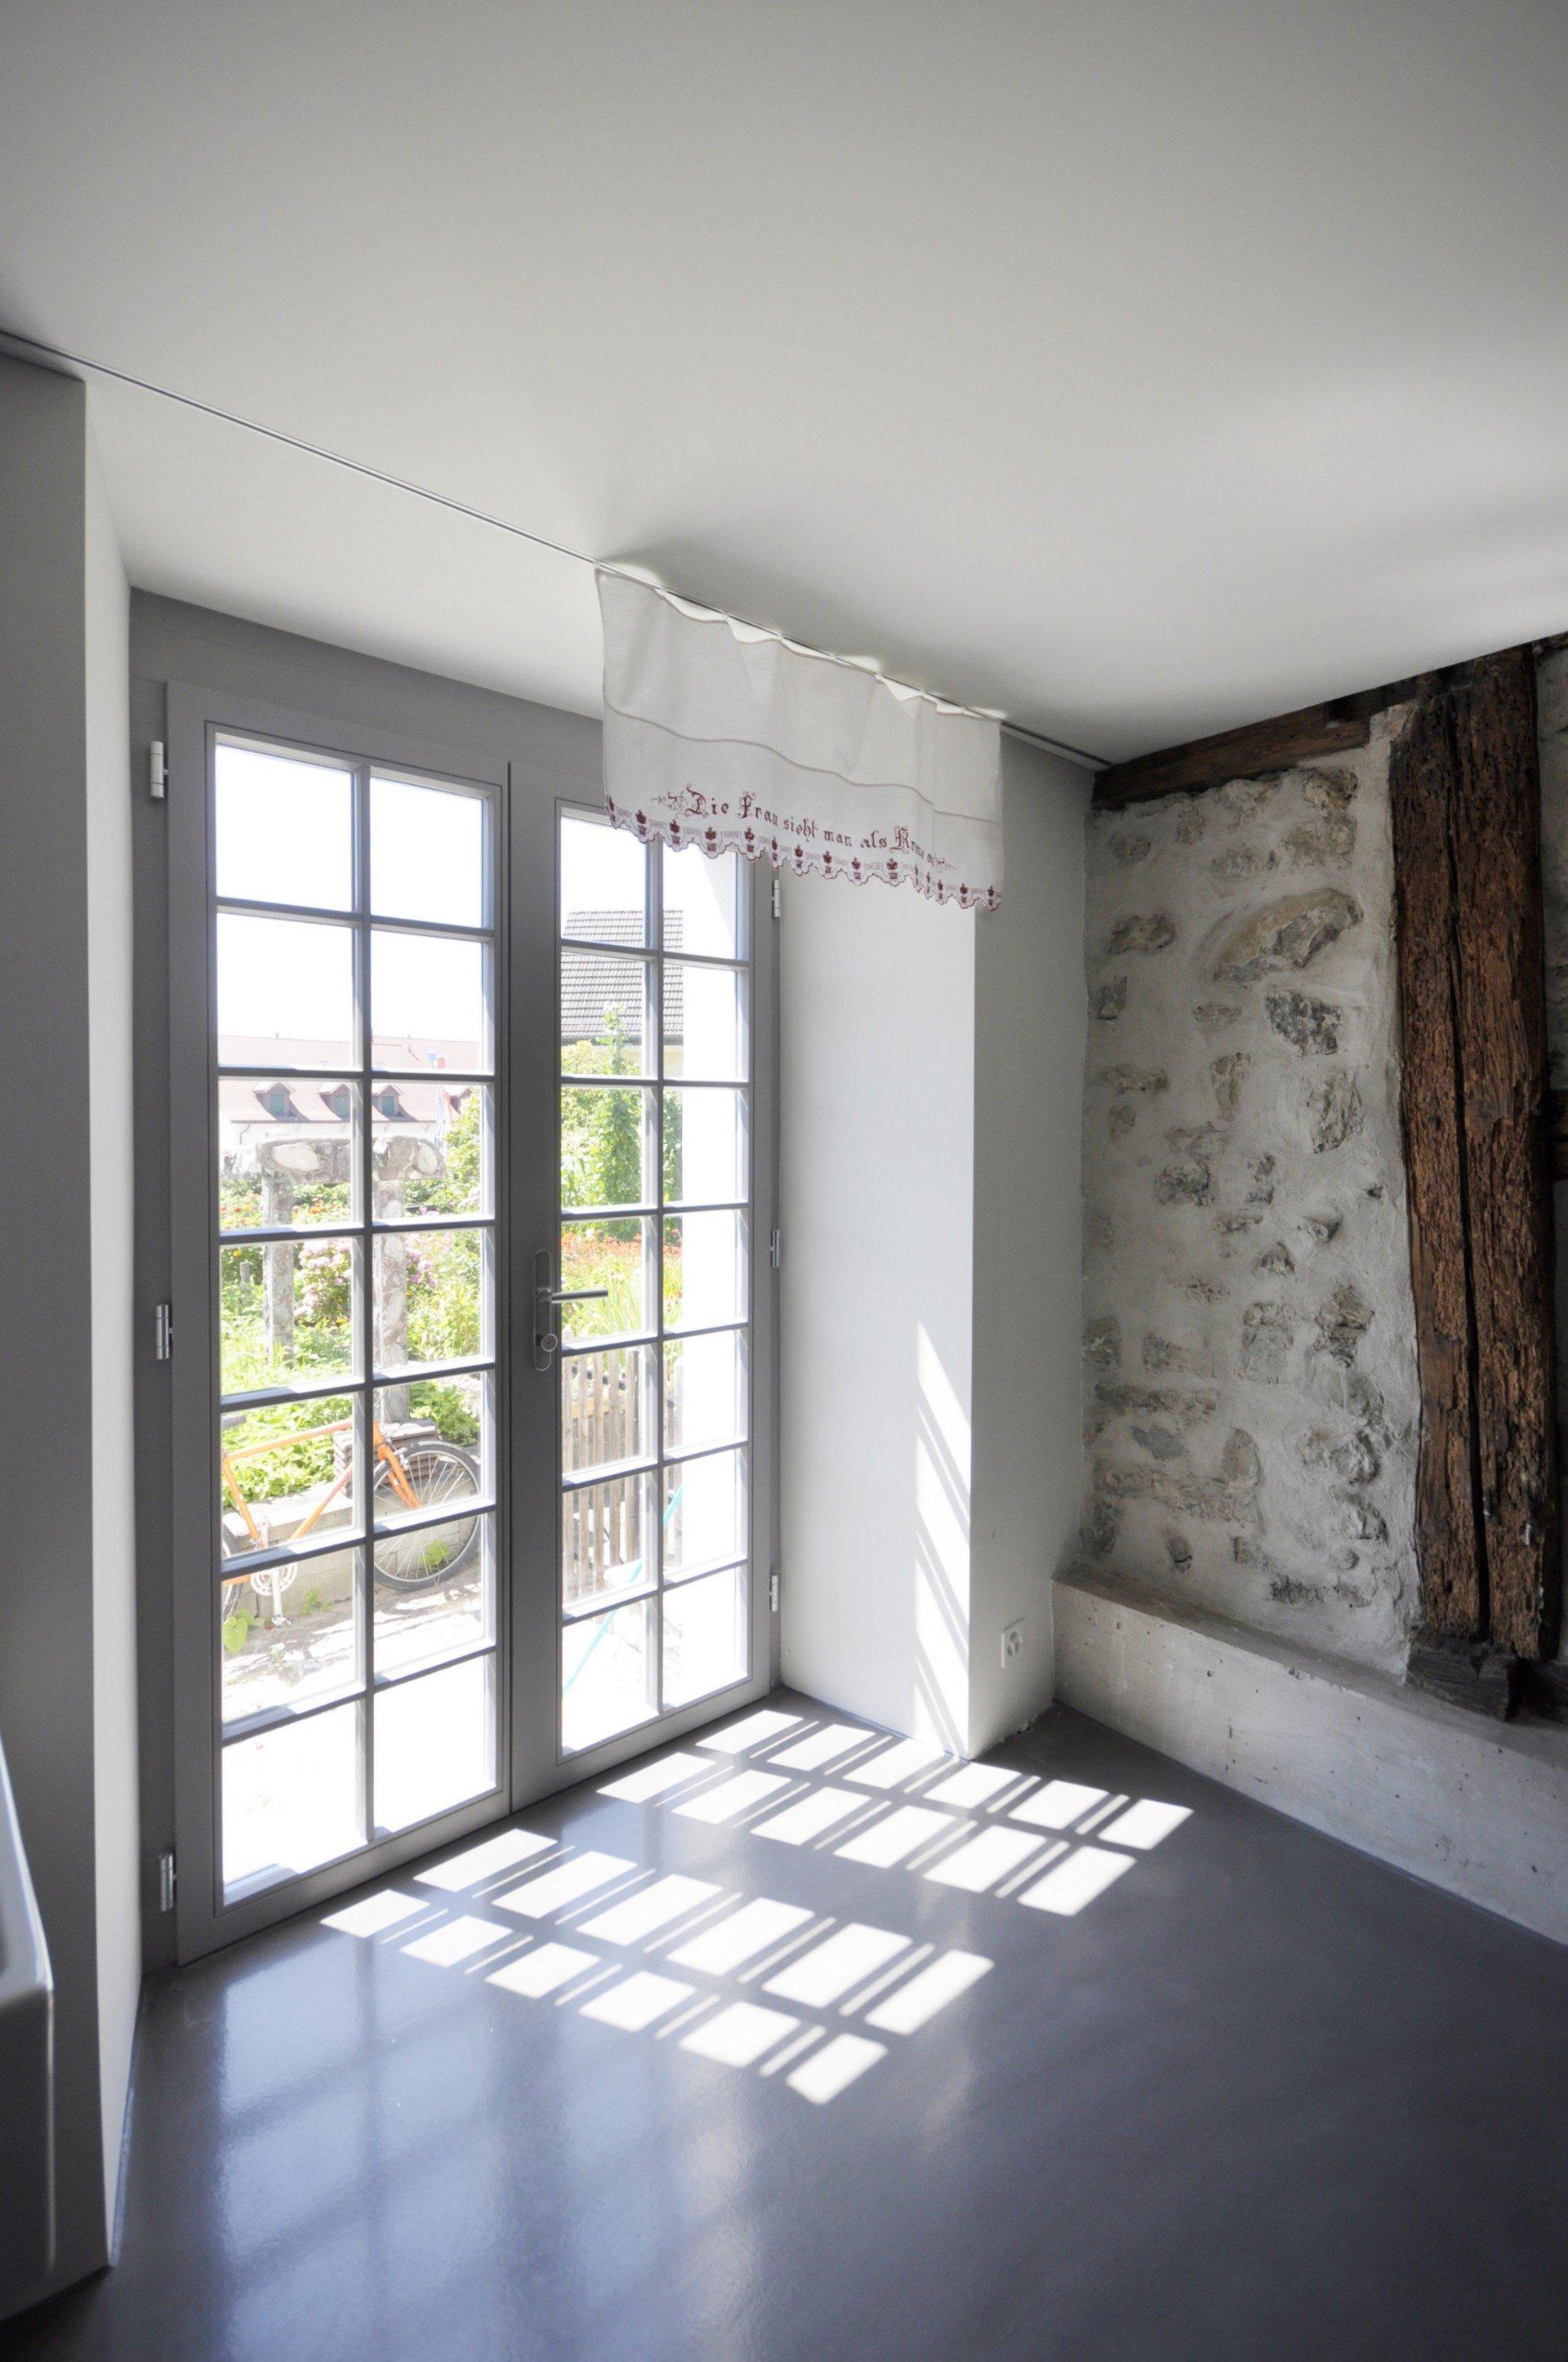 Renovierter Eingangsbereich mit Sprossenfenstertür und alter Steinwand mit Holzbalken